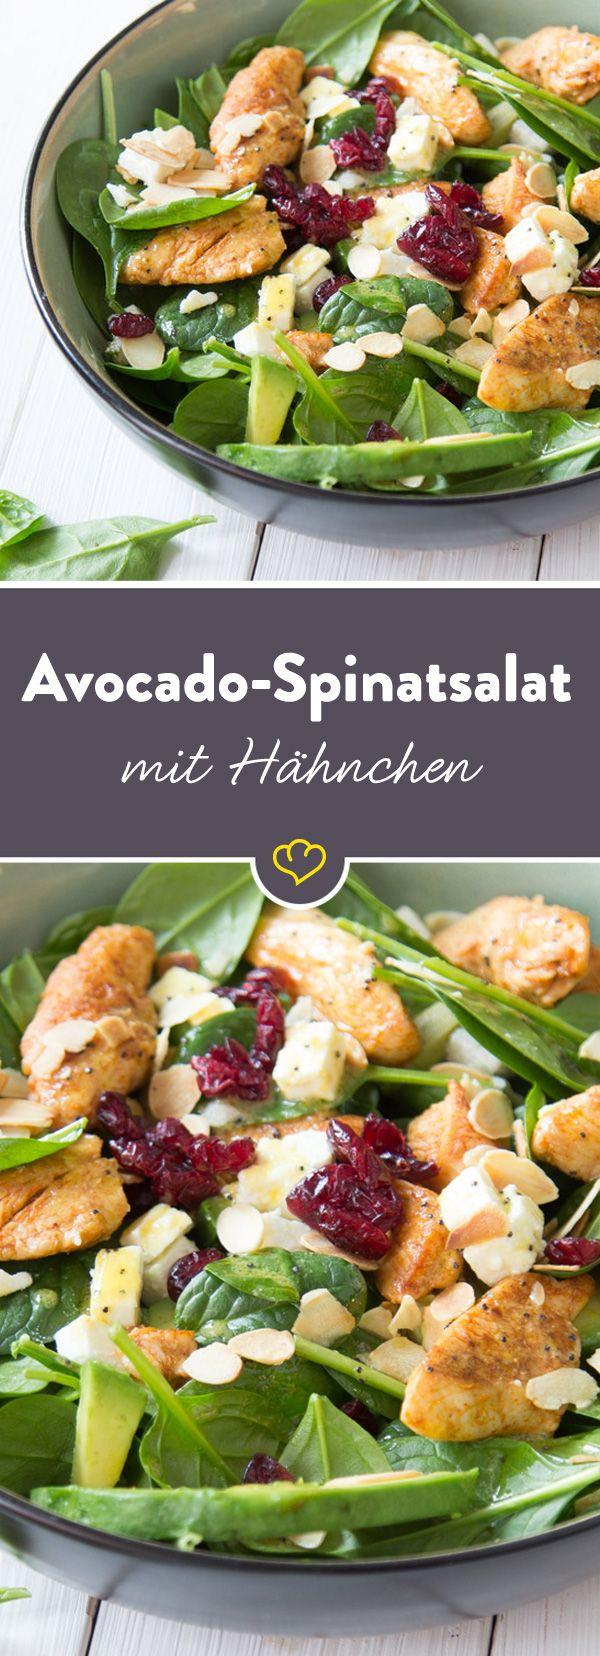 Geballte Salatpower aus frischem Spinat, cremiger Avocado, süßen Cranberries, würzigem Feta, knusprigen Mandeln und gebratenem Hähnchen. Der macht Spaß!